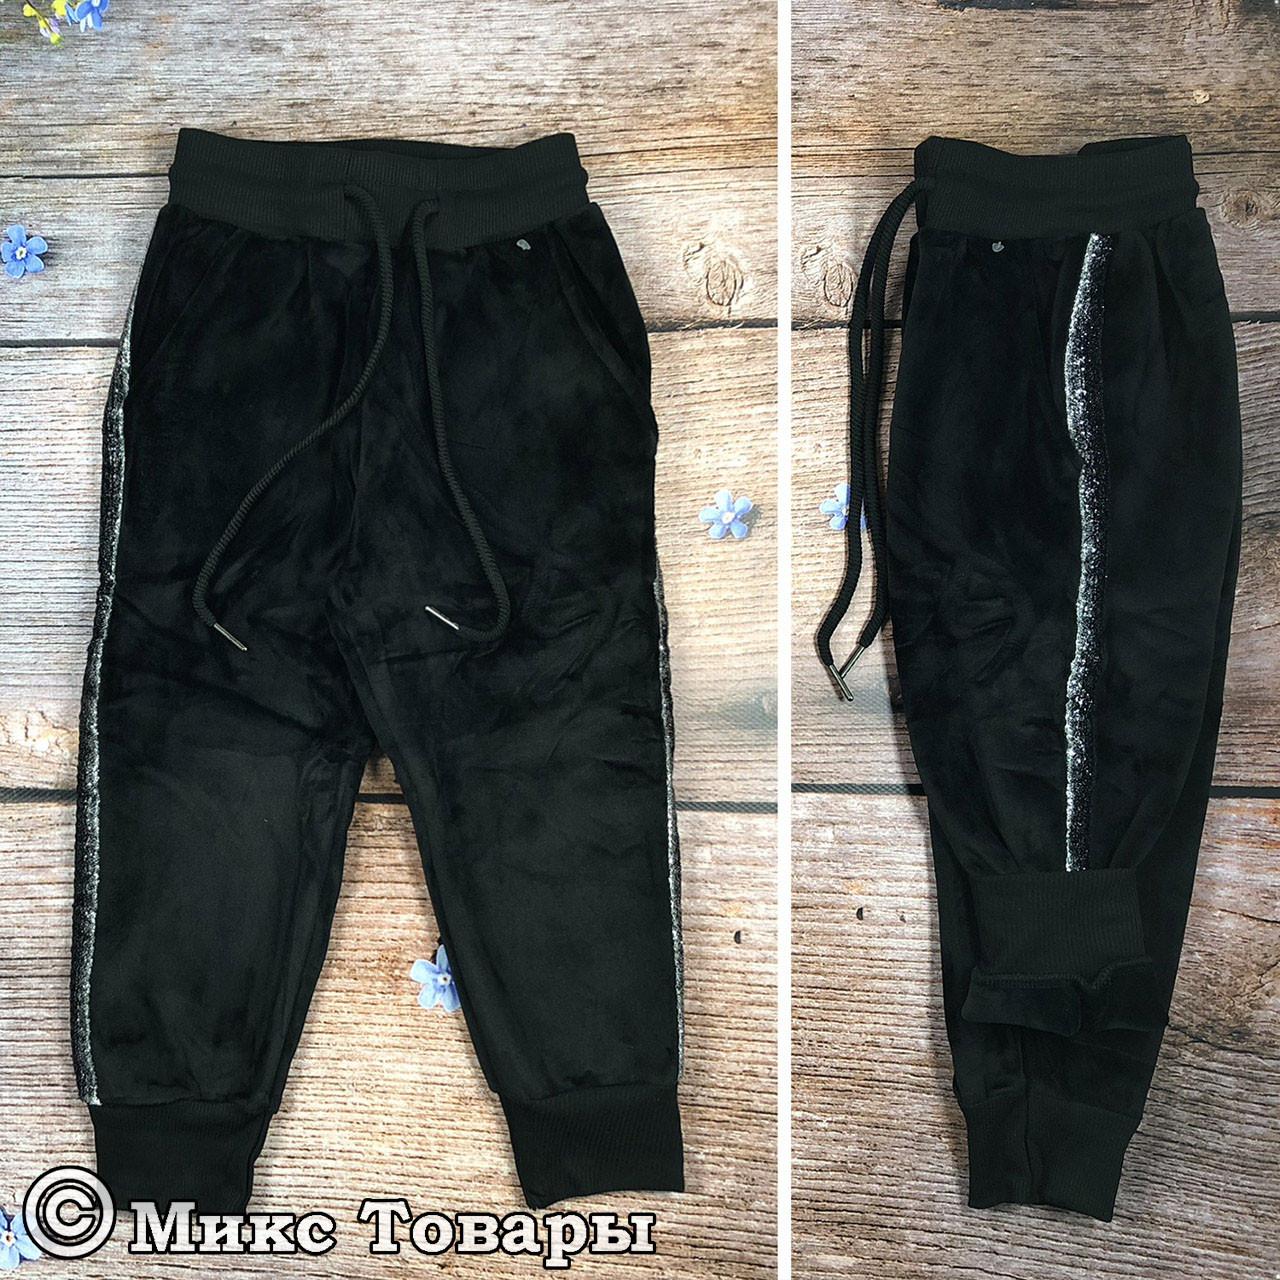 Велюровые штанишки с флисом для девочек Размеры: 3-4,5-6,7-8,9-10 лет (7559)